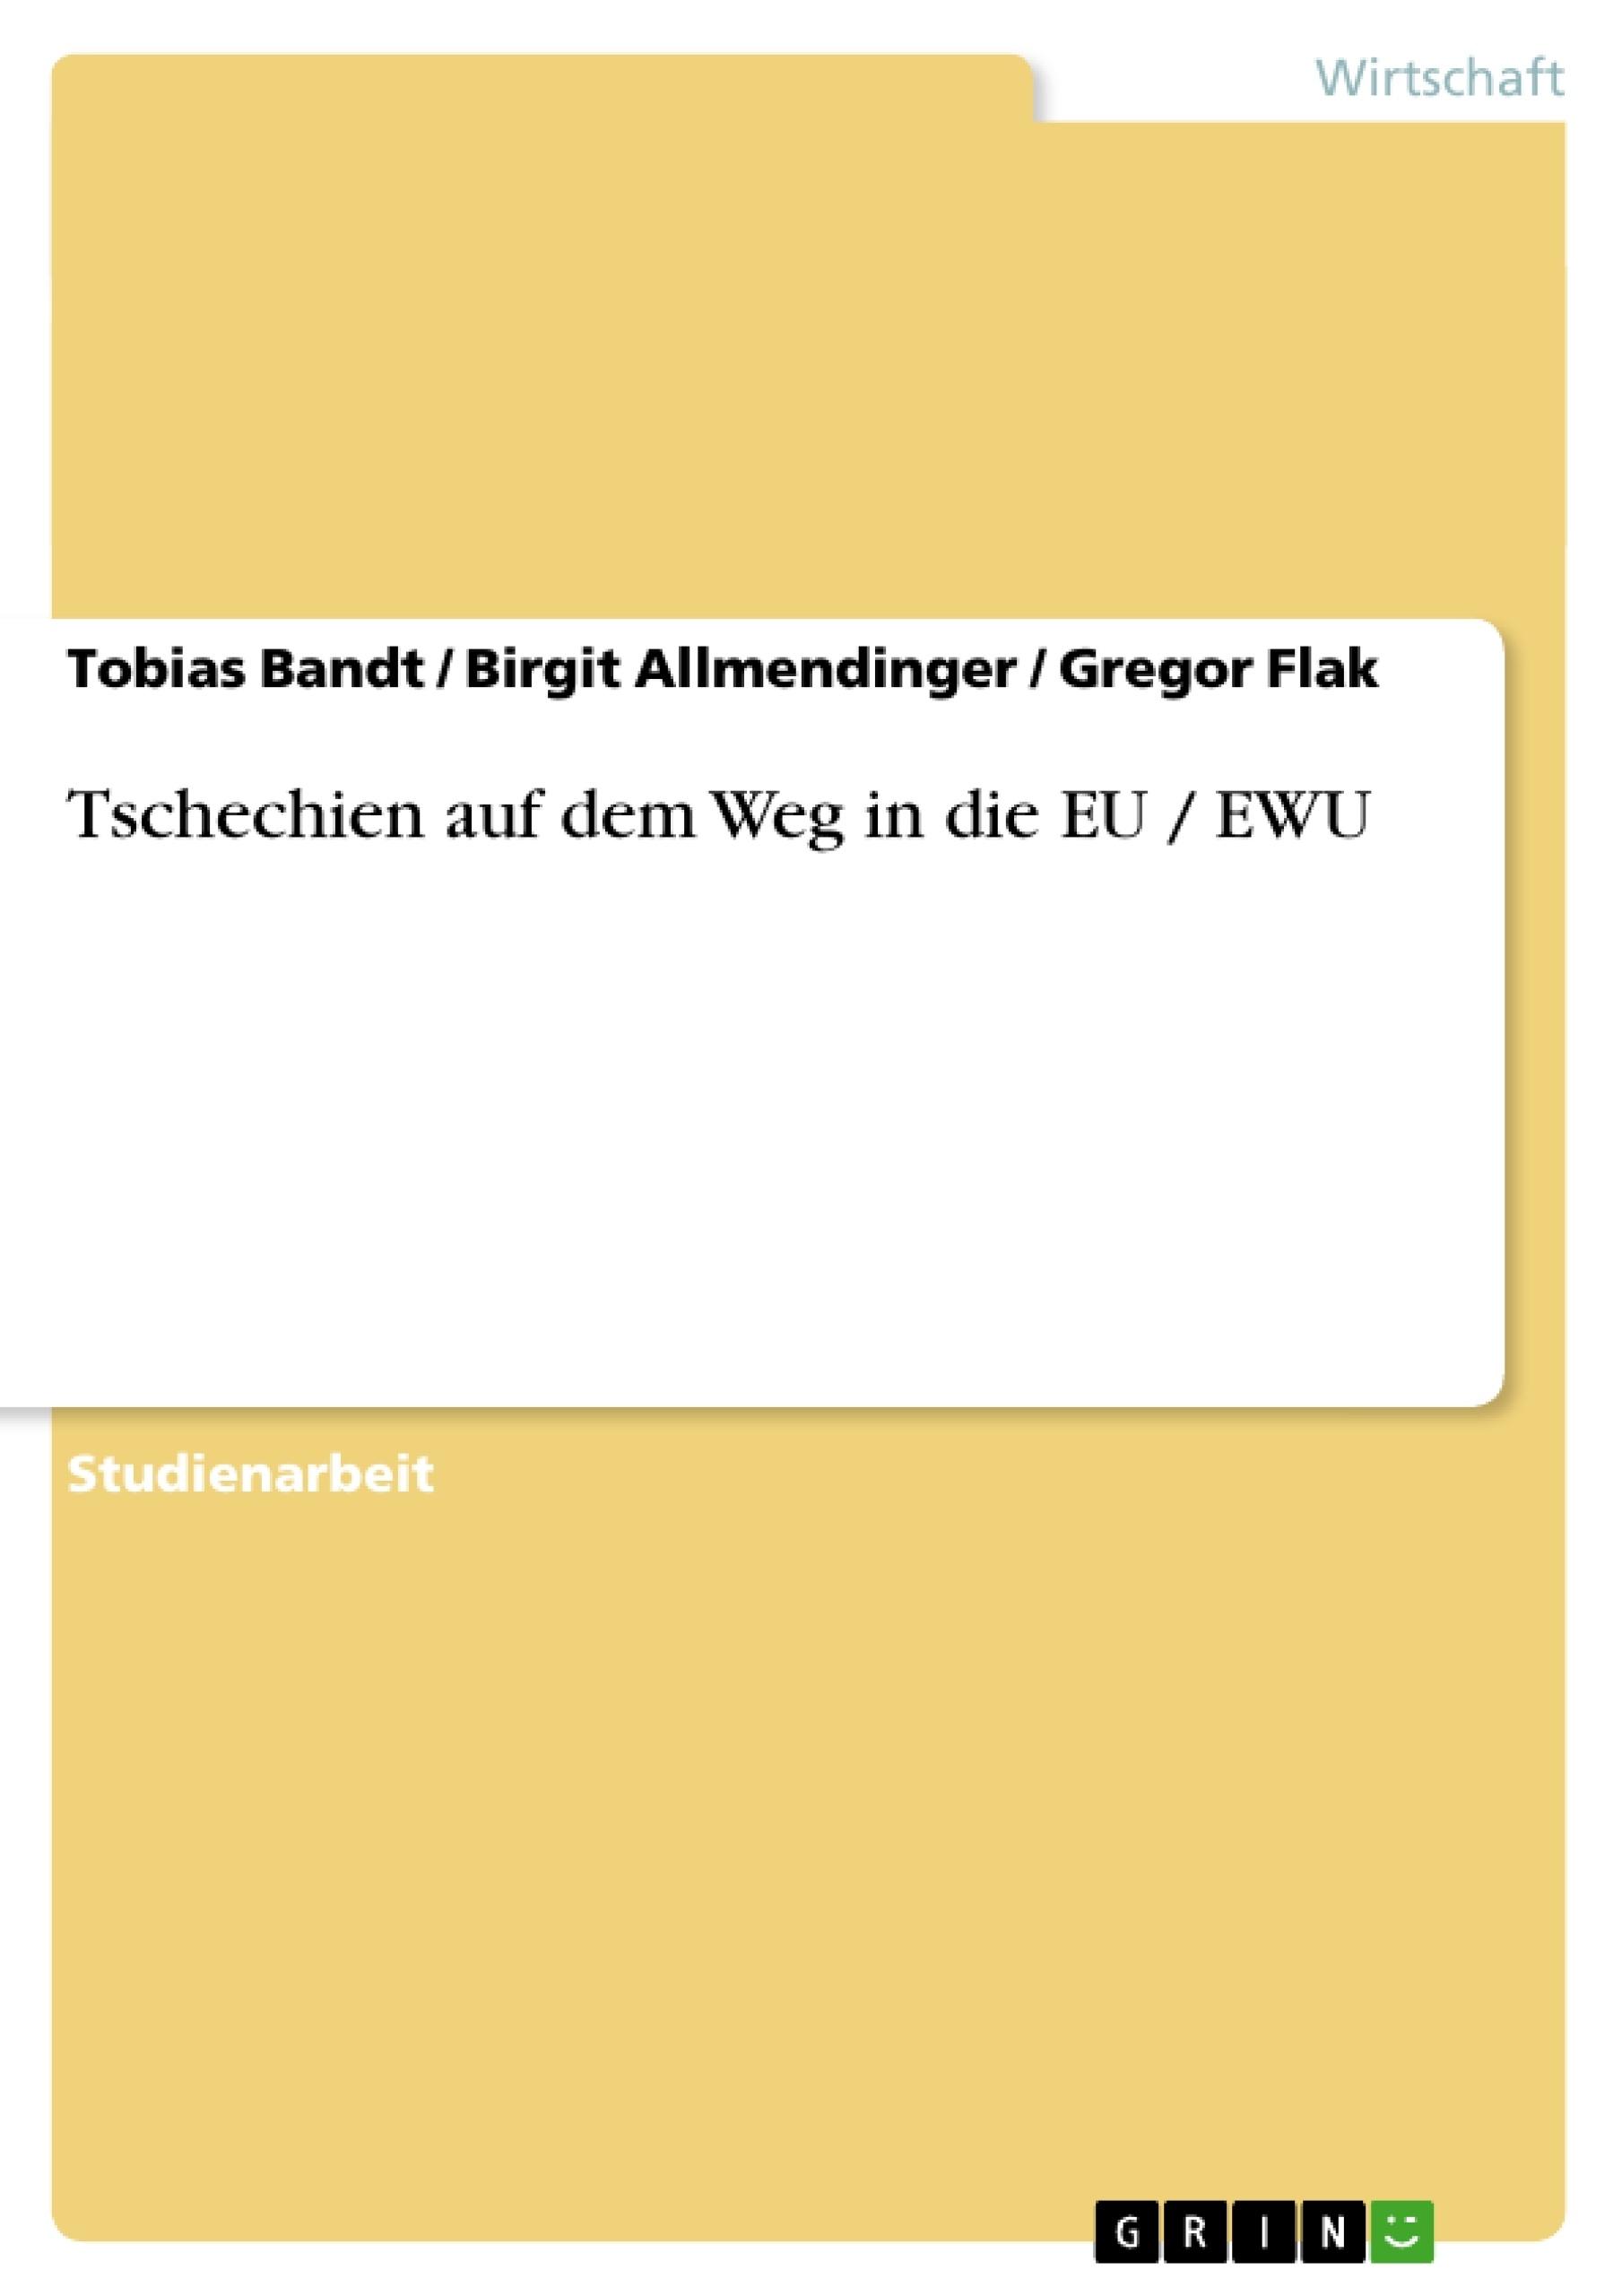 Titel: Tschechien auf dem Weg in die EU / EWU